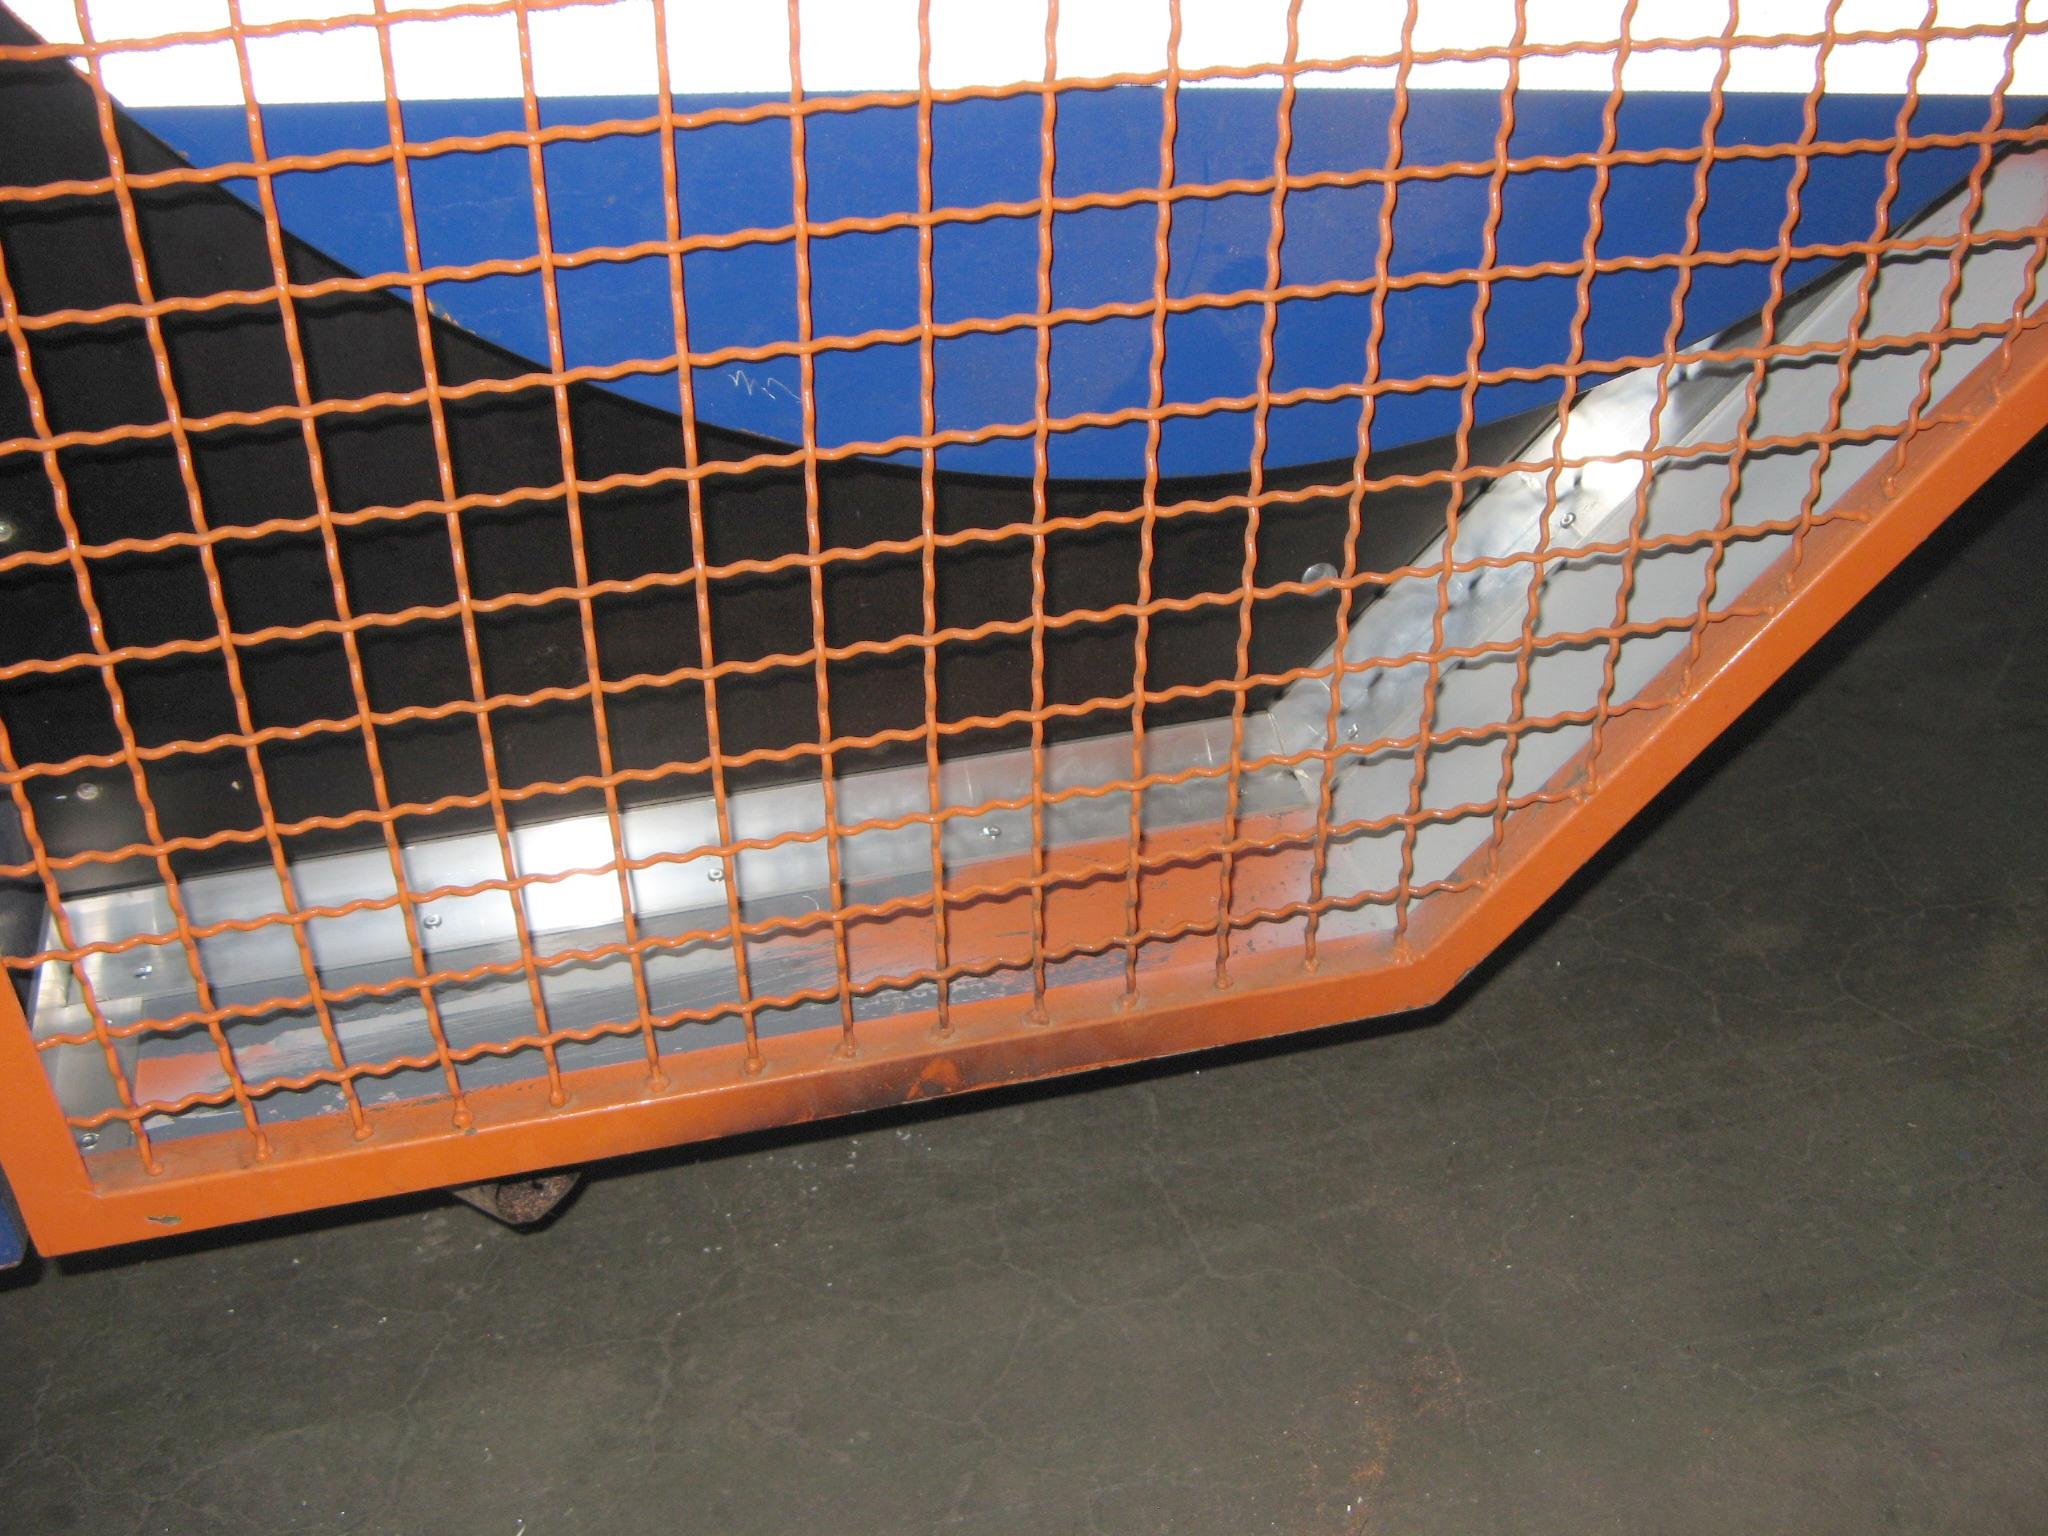 Blick in den geschlossenen Seiltrommelschutzkäfig